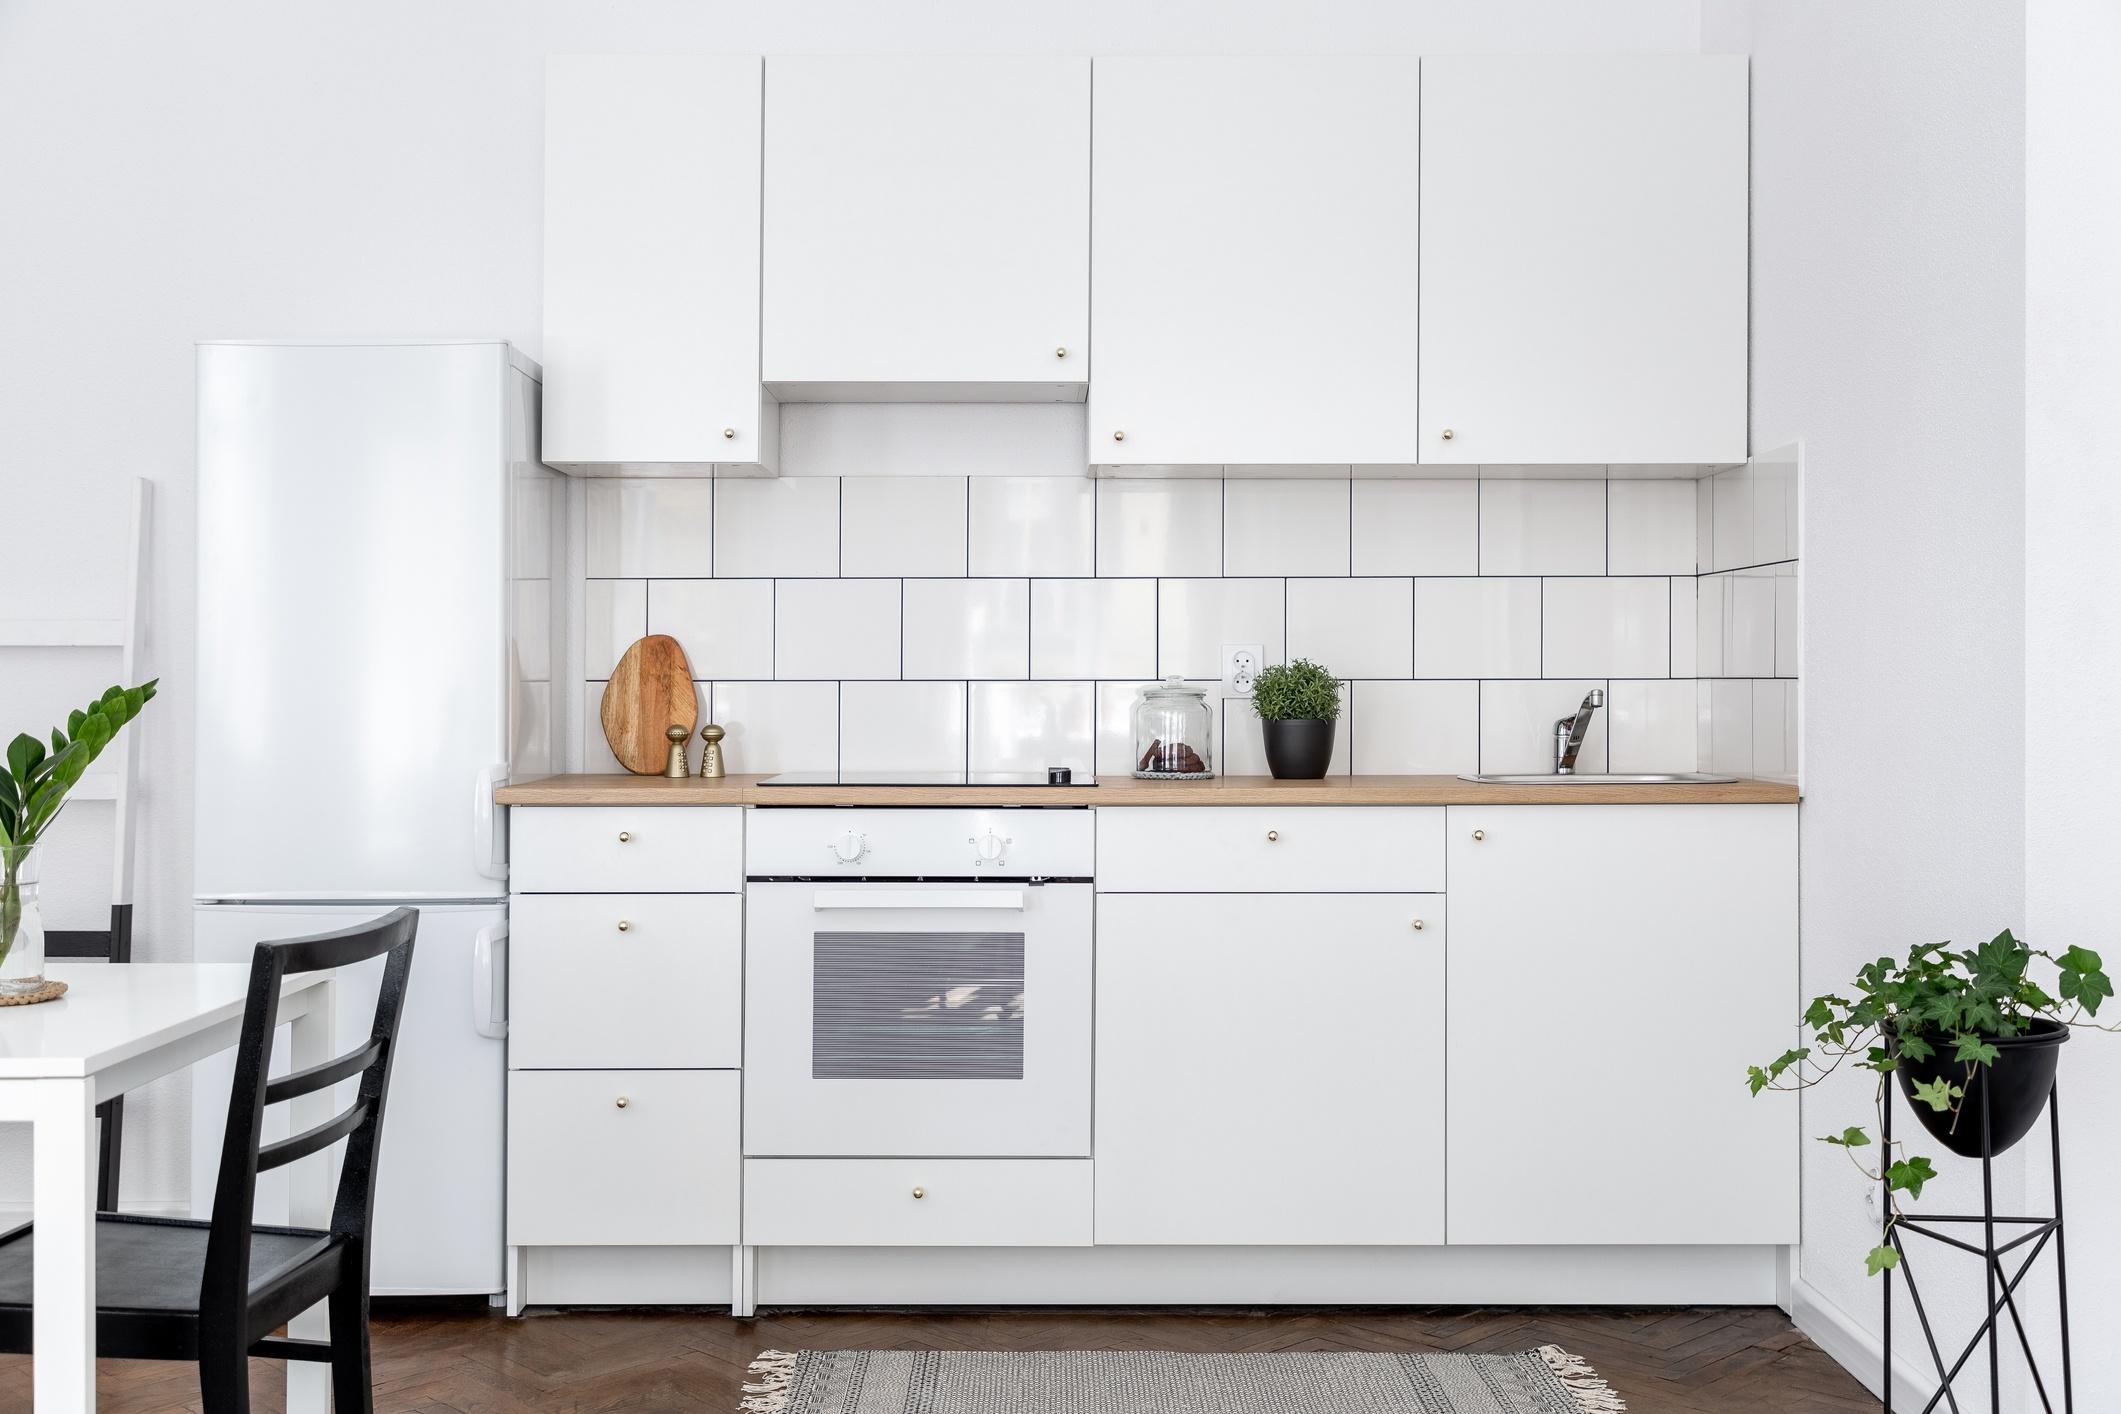 10 dicas da Marie Kondo para organizar a cozinha